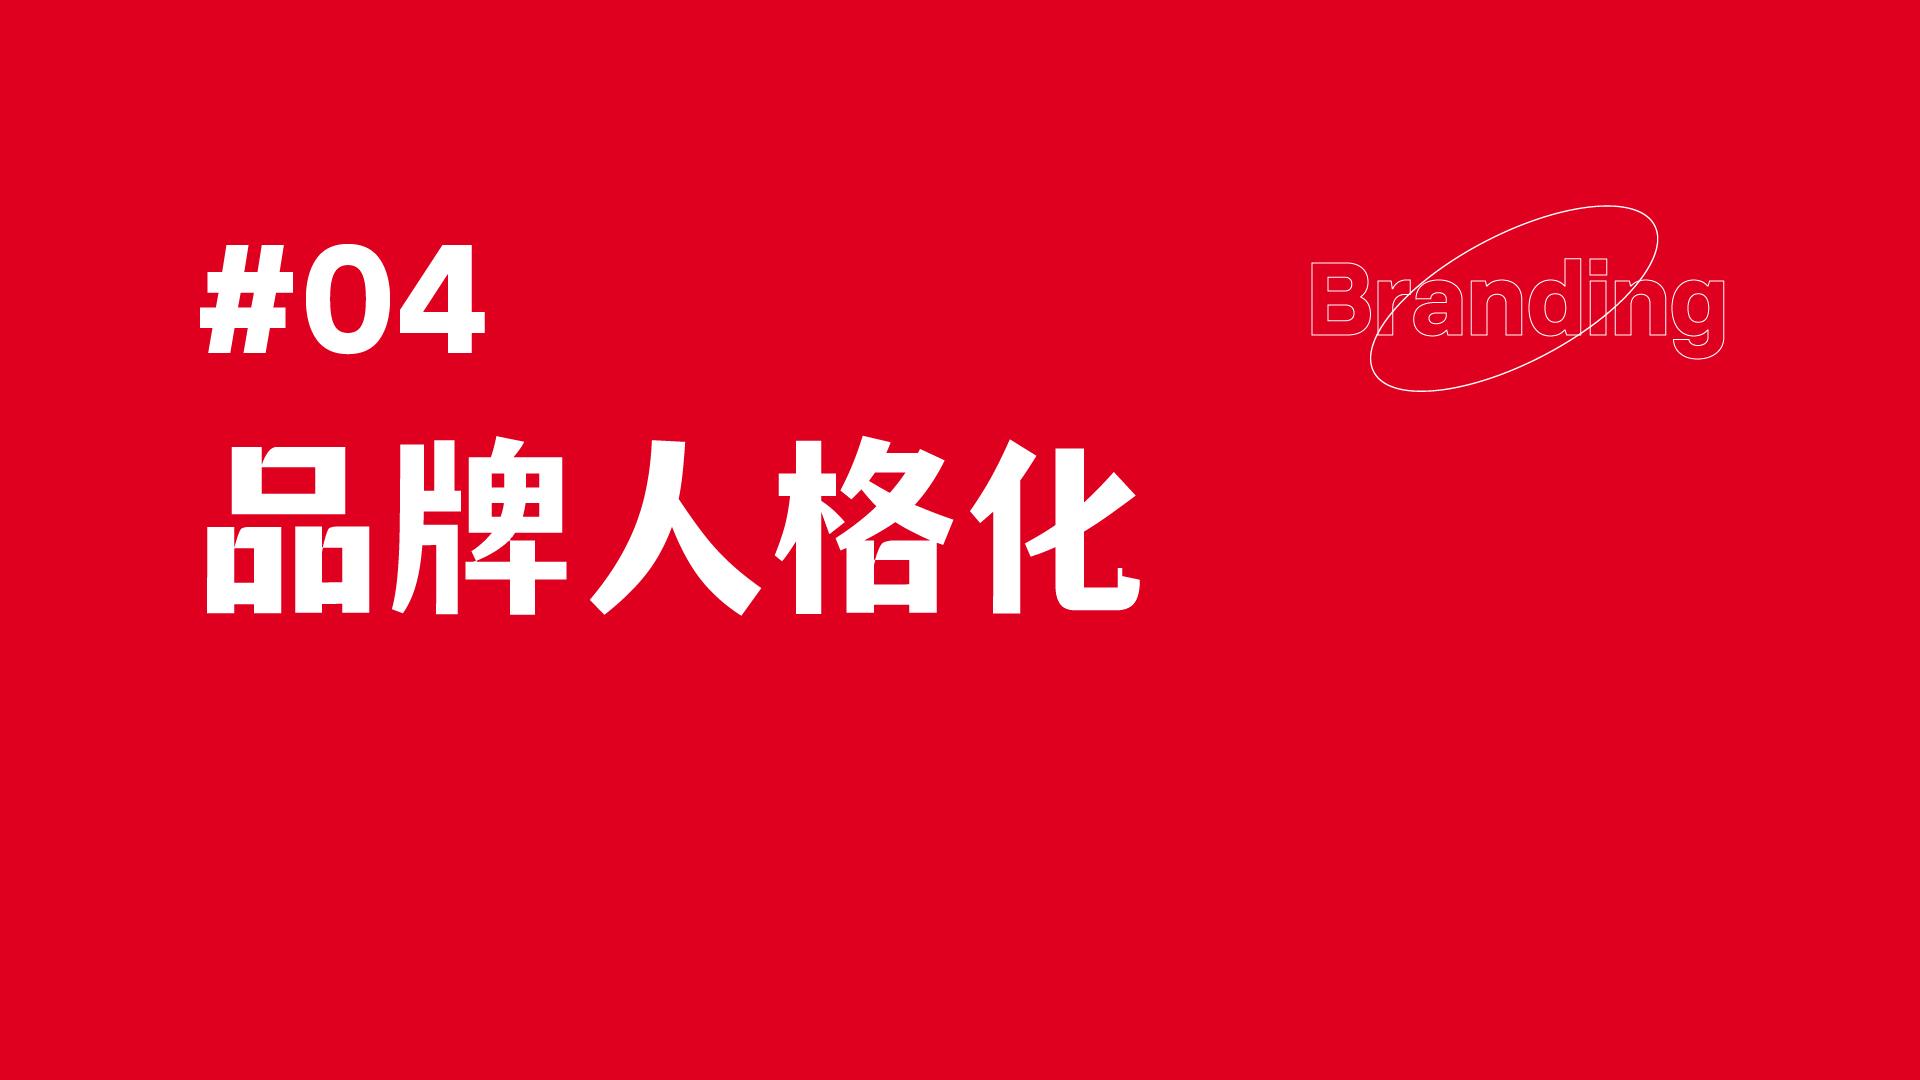 品牌形象就是品牌资产©方法论02-04.jpg